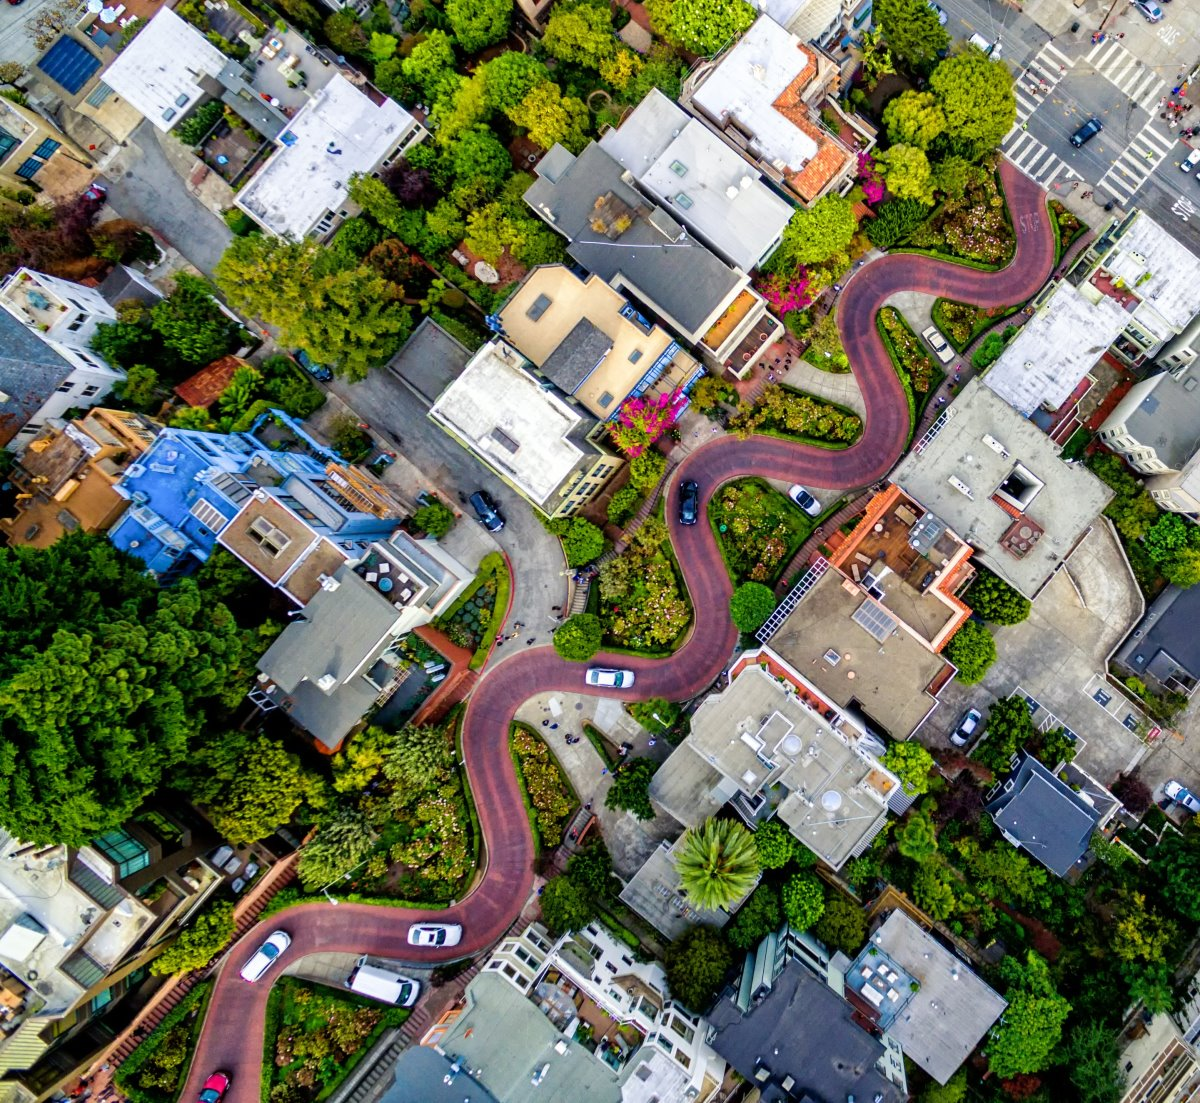 Διάσημοι δρόμοι στον κόσμο όπως ο Lombard που είναι στριφογυριστός